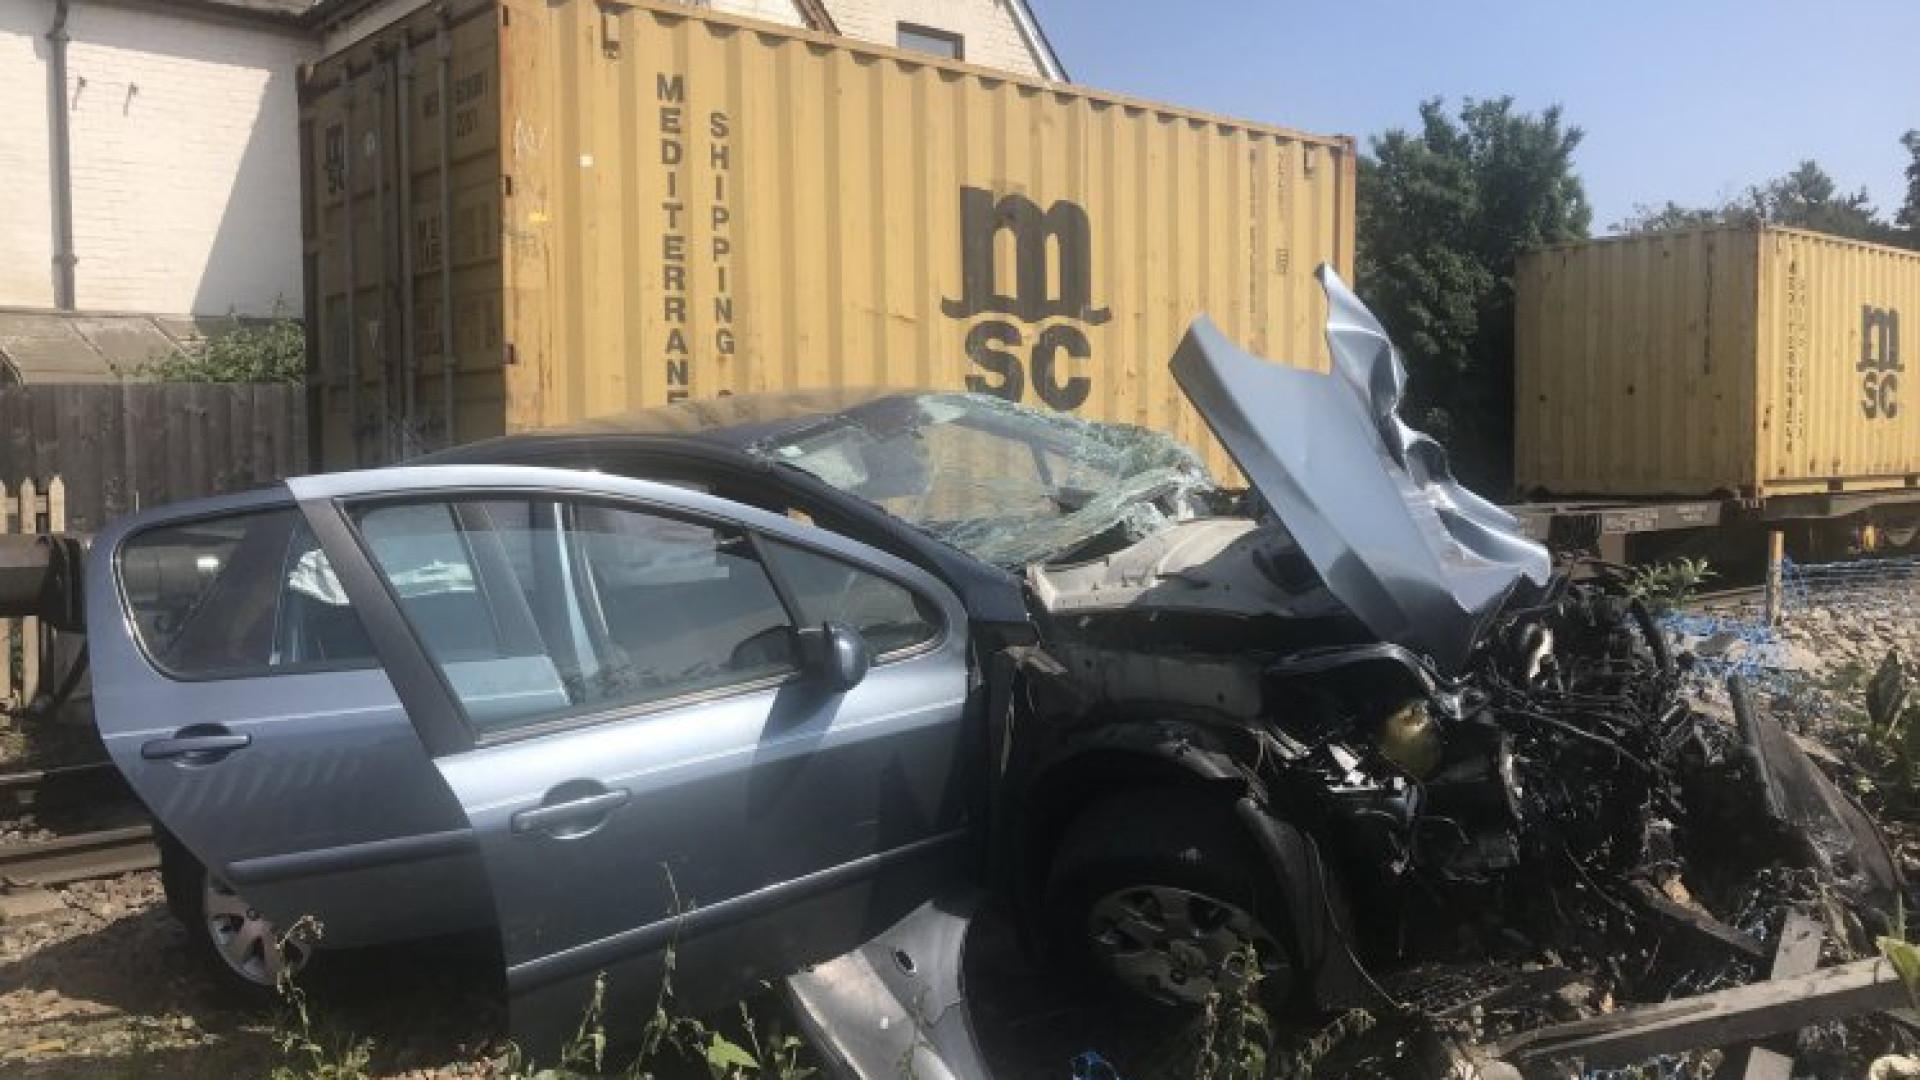 Condutor detido após carro colidir contra comboio com bebé no interior